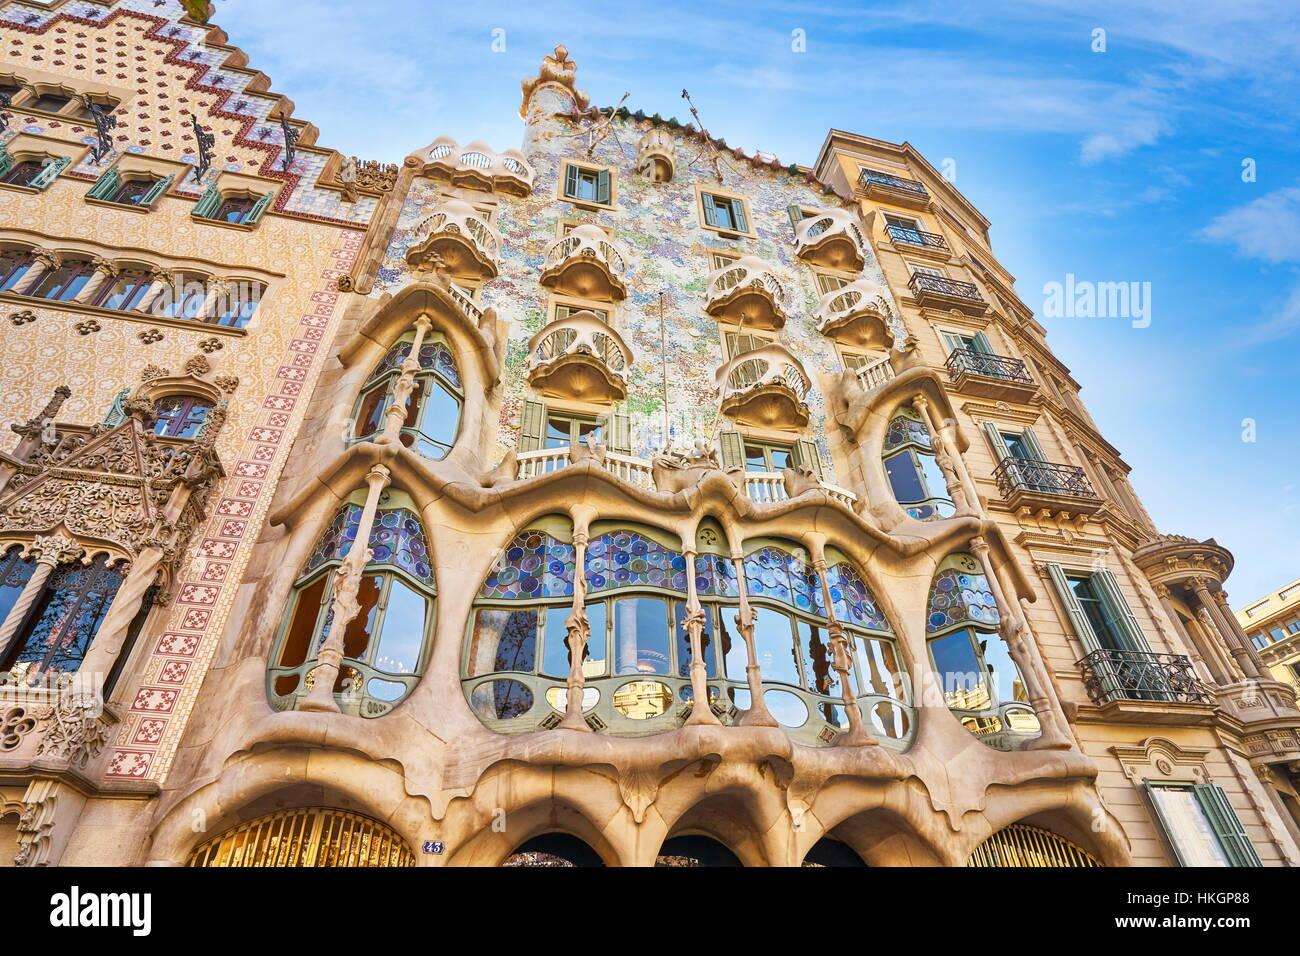 Casa Batllo Hausentwurf von Antonio Gaudi, Barcelona, Katalonien, Spanien Stockbild